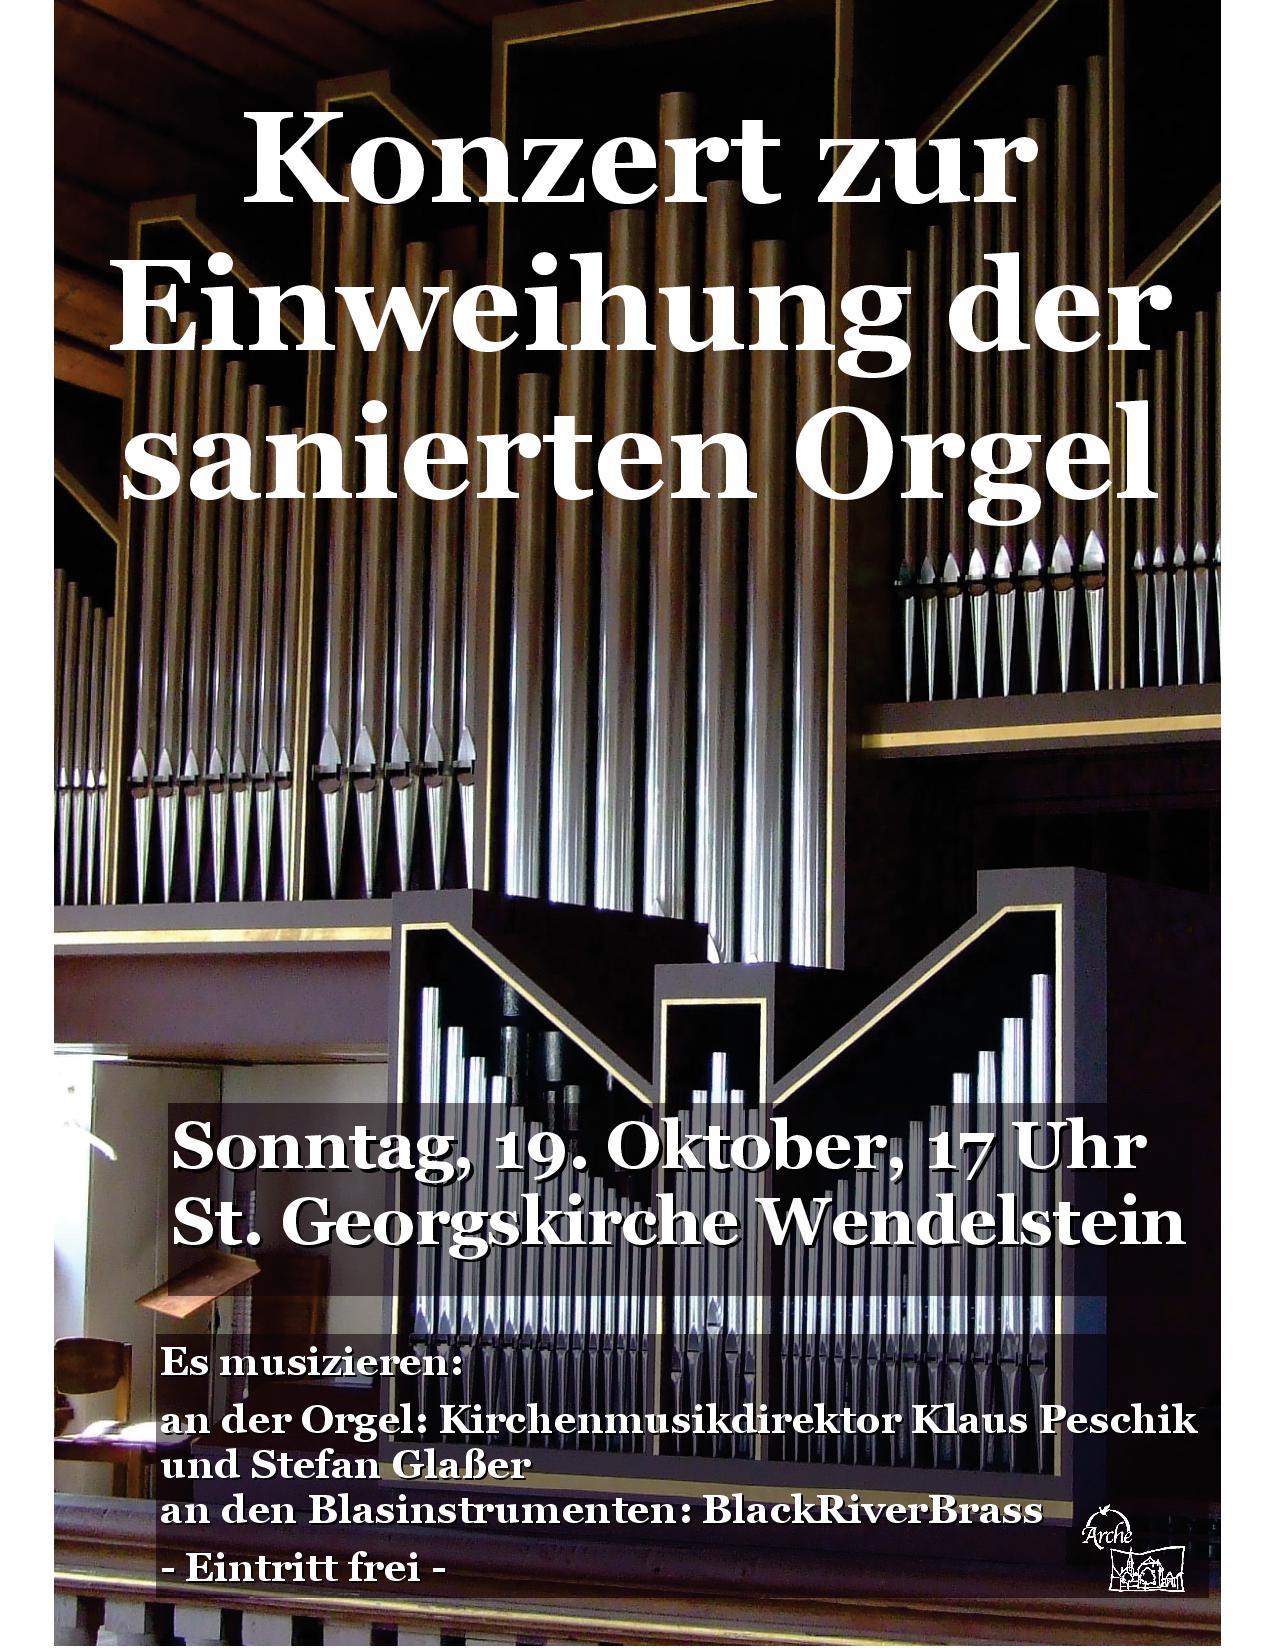 14-10-19 Plakat Einweihung der sanierten Orgel (2)-001